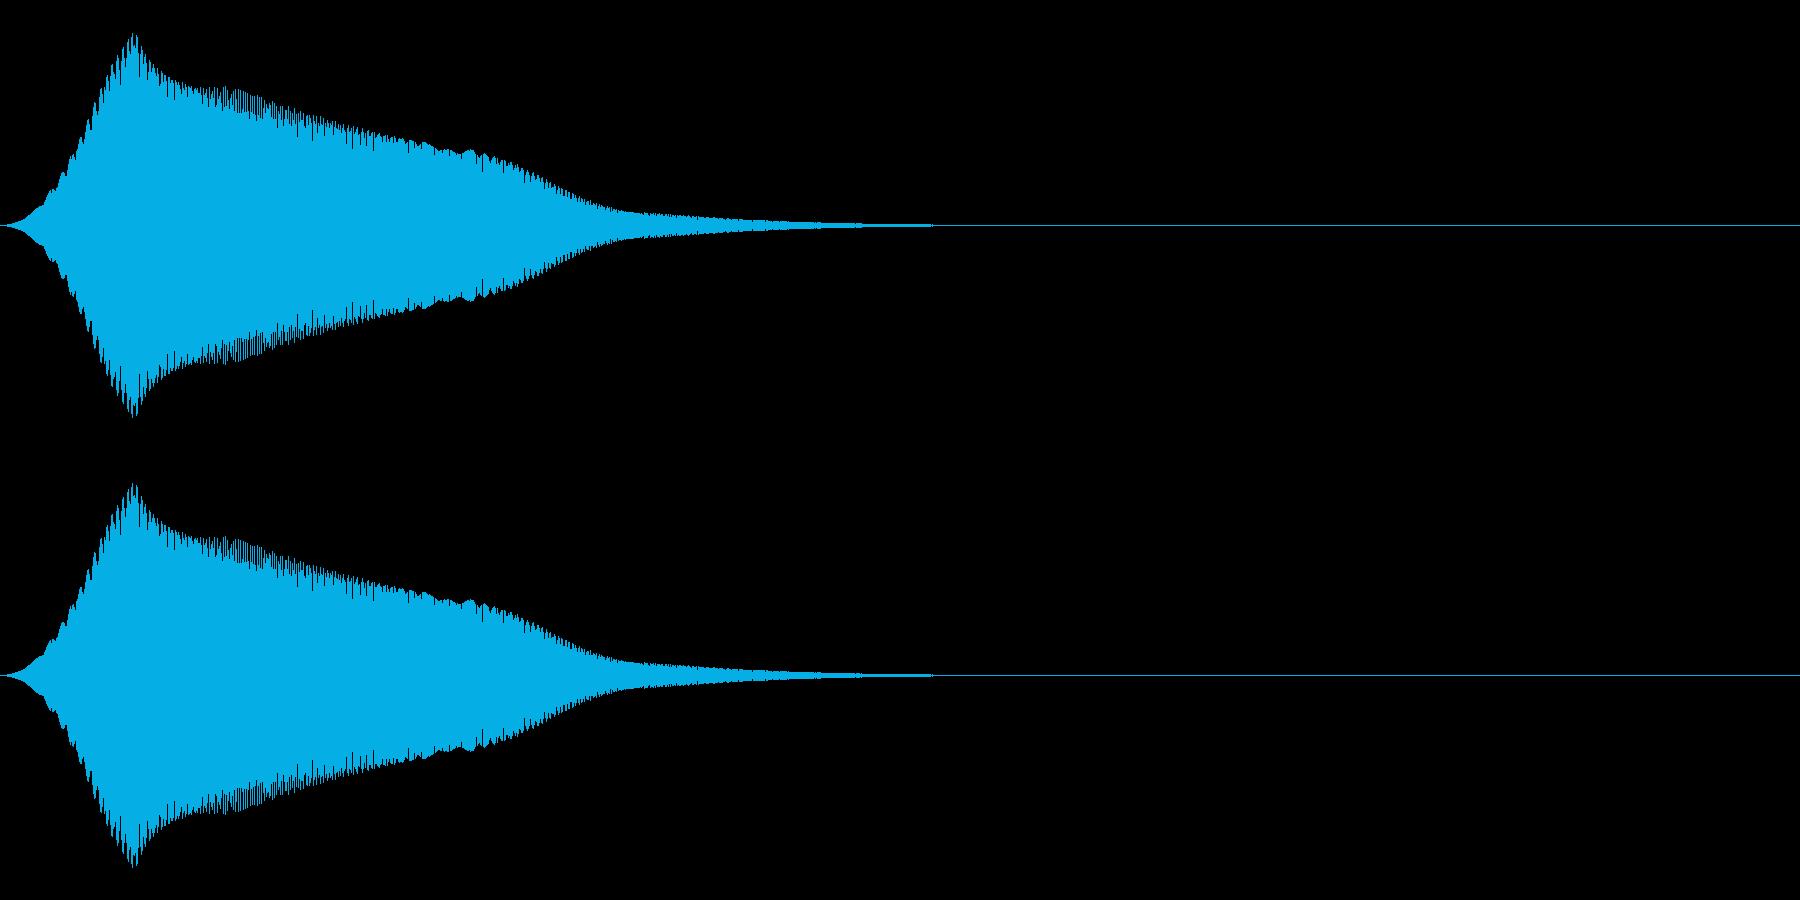 ゆっくりとしたジャンプのSEの再生済みの波形